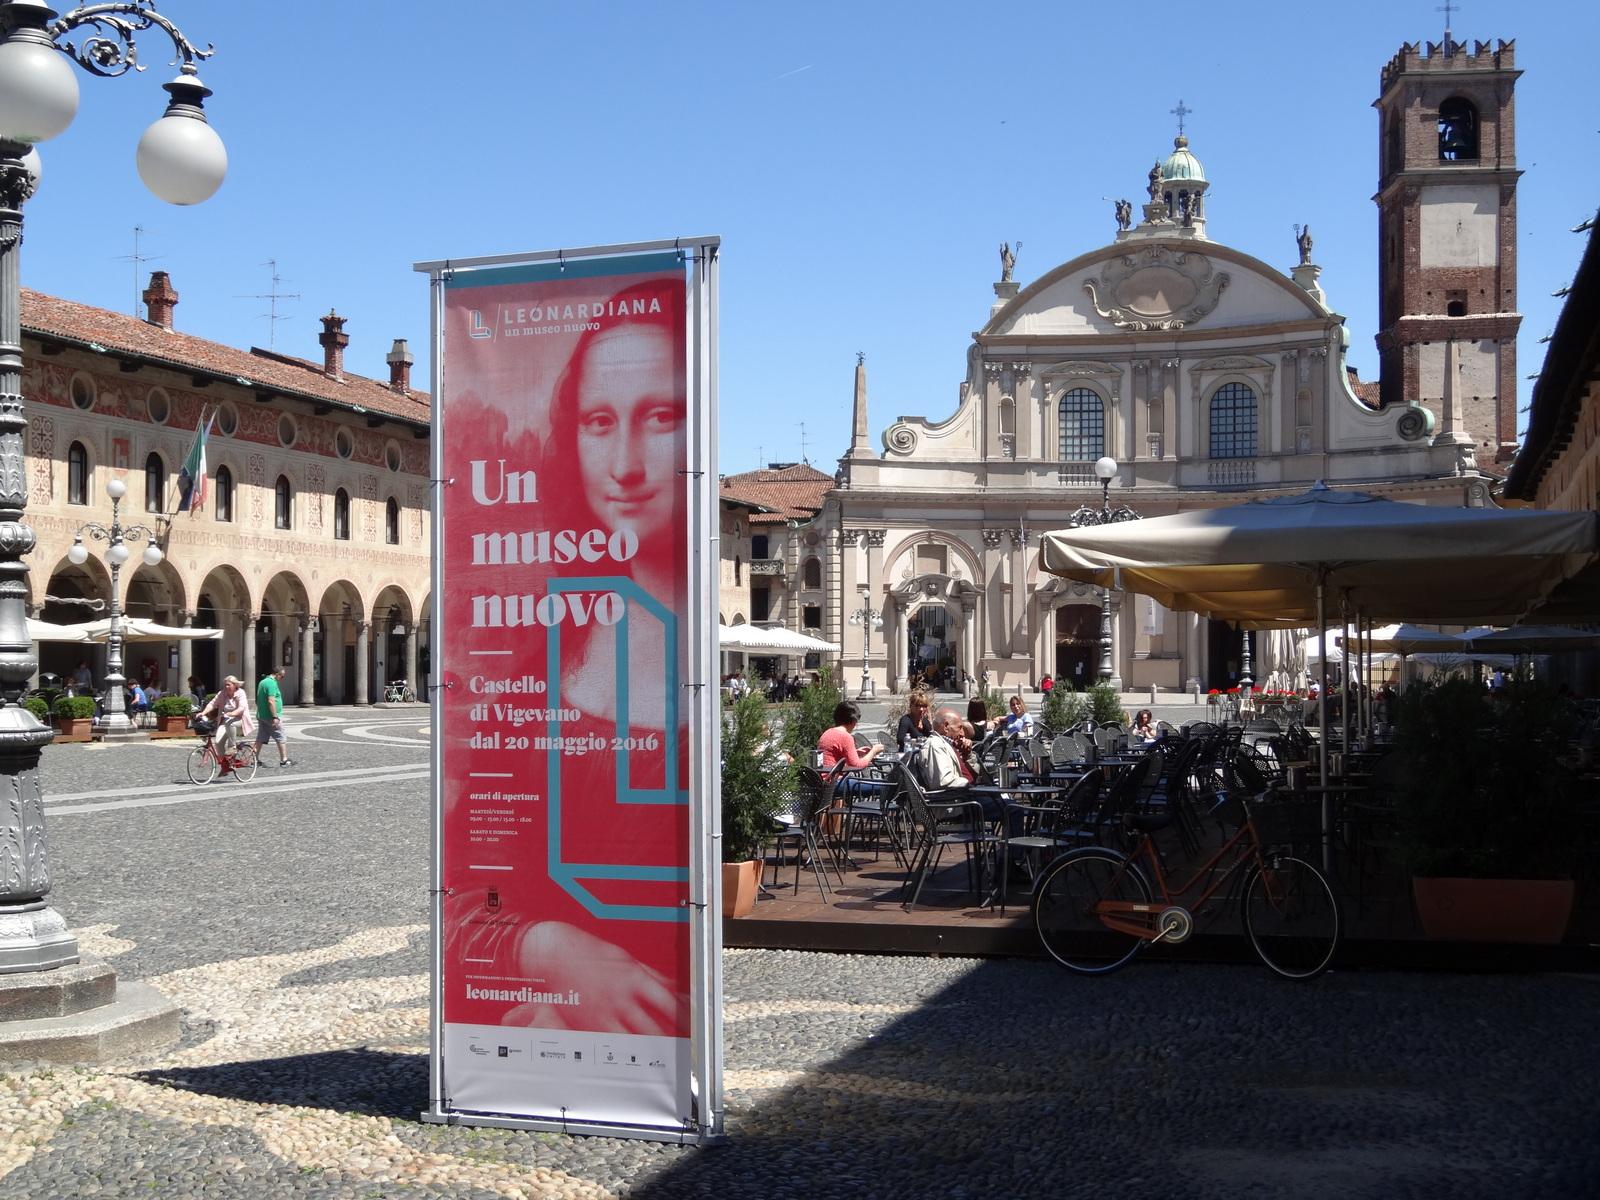 Locandina del museo Leonardiana nella Piazza Ducale di Vigevano.